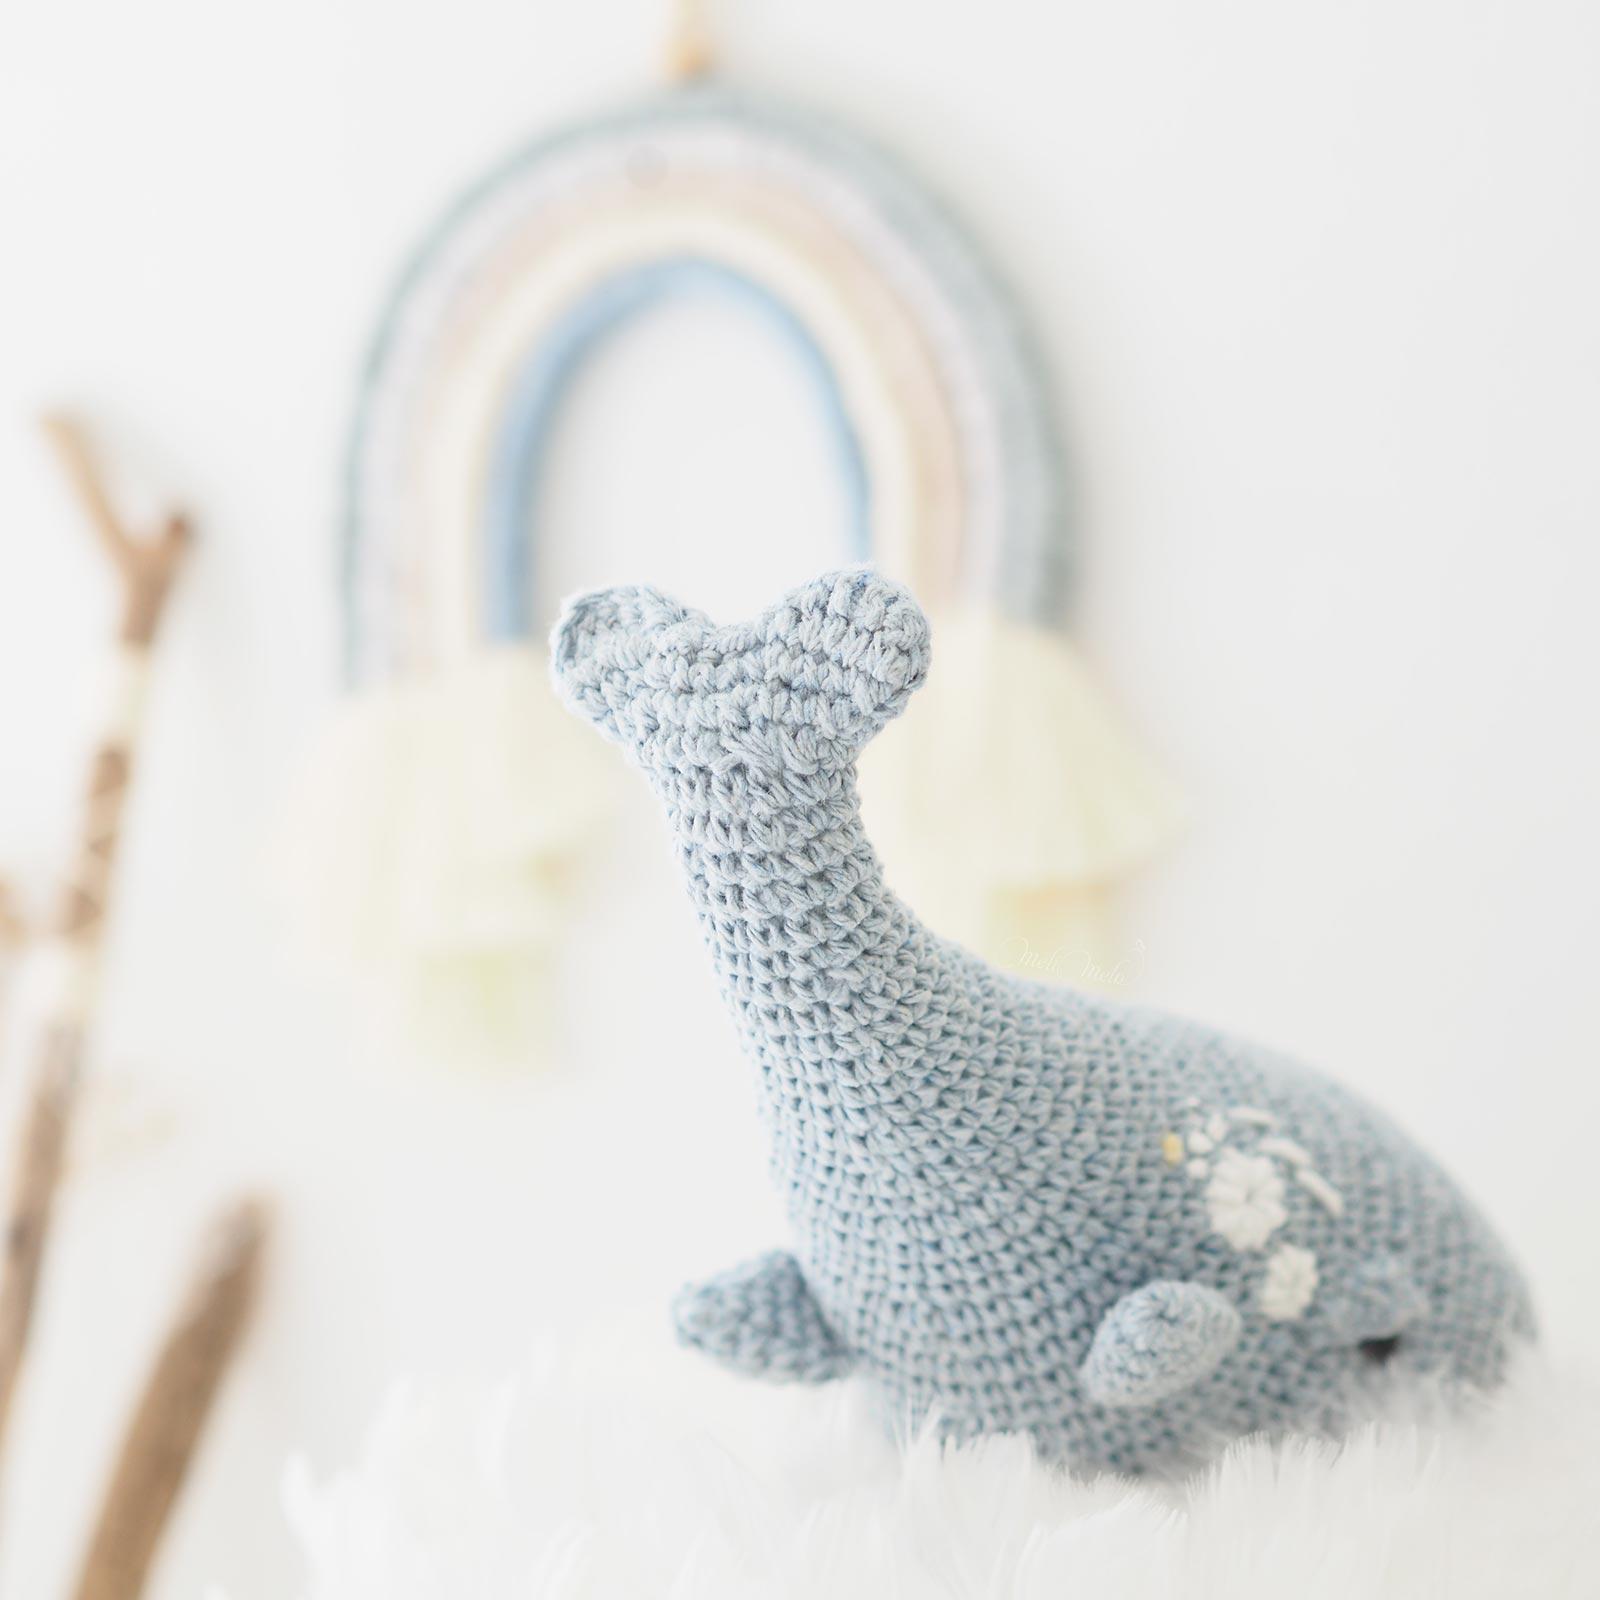 baleine-bleu-hommage-mammifere-marin-crochet-broderie-laboutiquedemelimelo